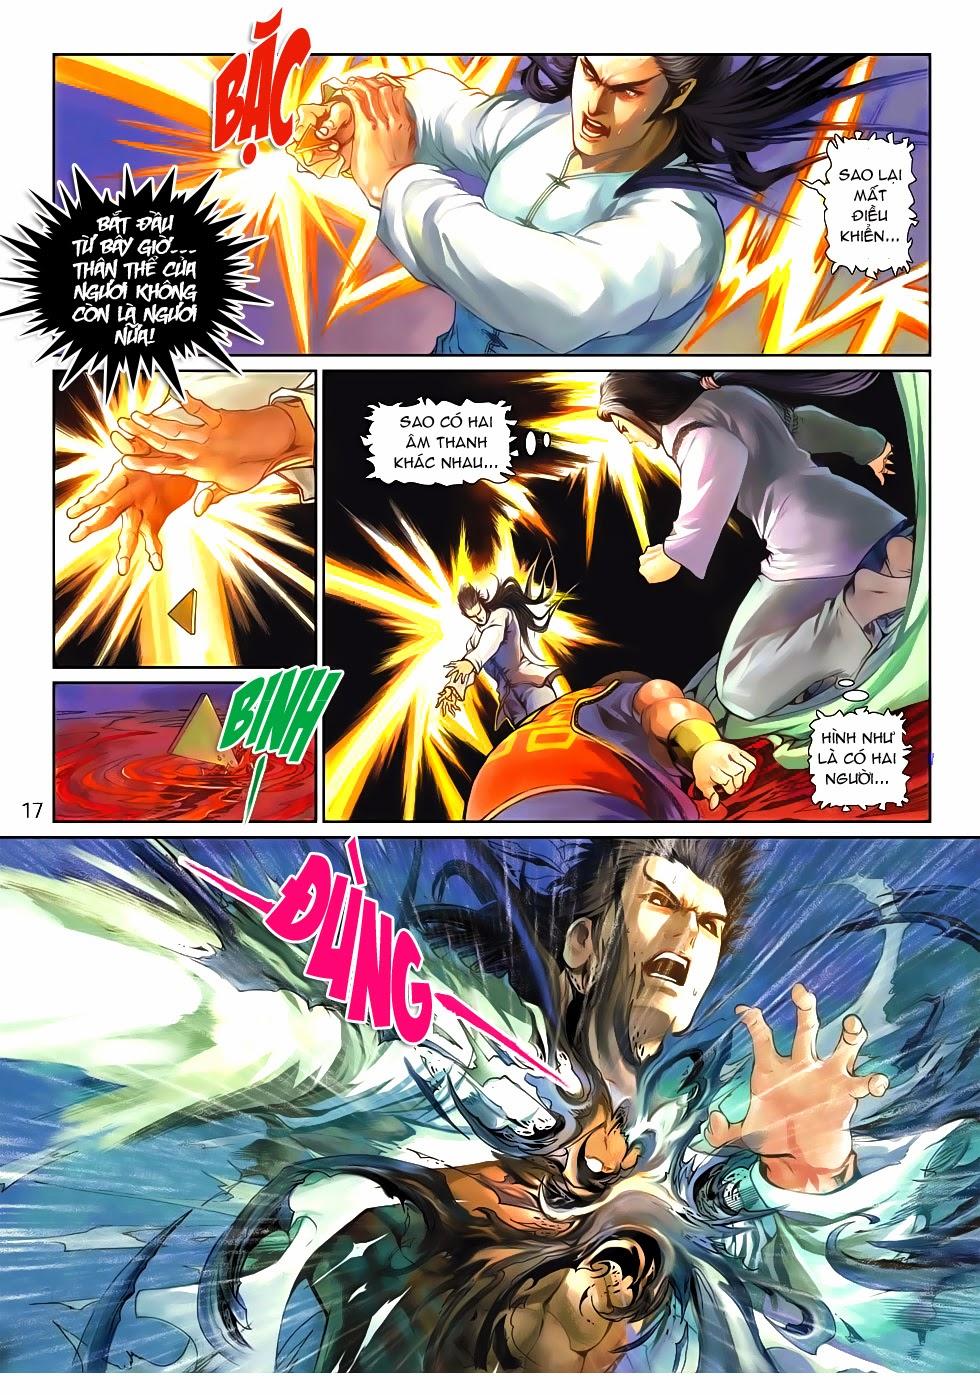 Thần Binh Tiền Truyện 4 - Huyền Thiên Tà Đế chap 10 - Trang 17